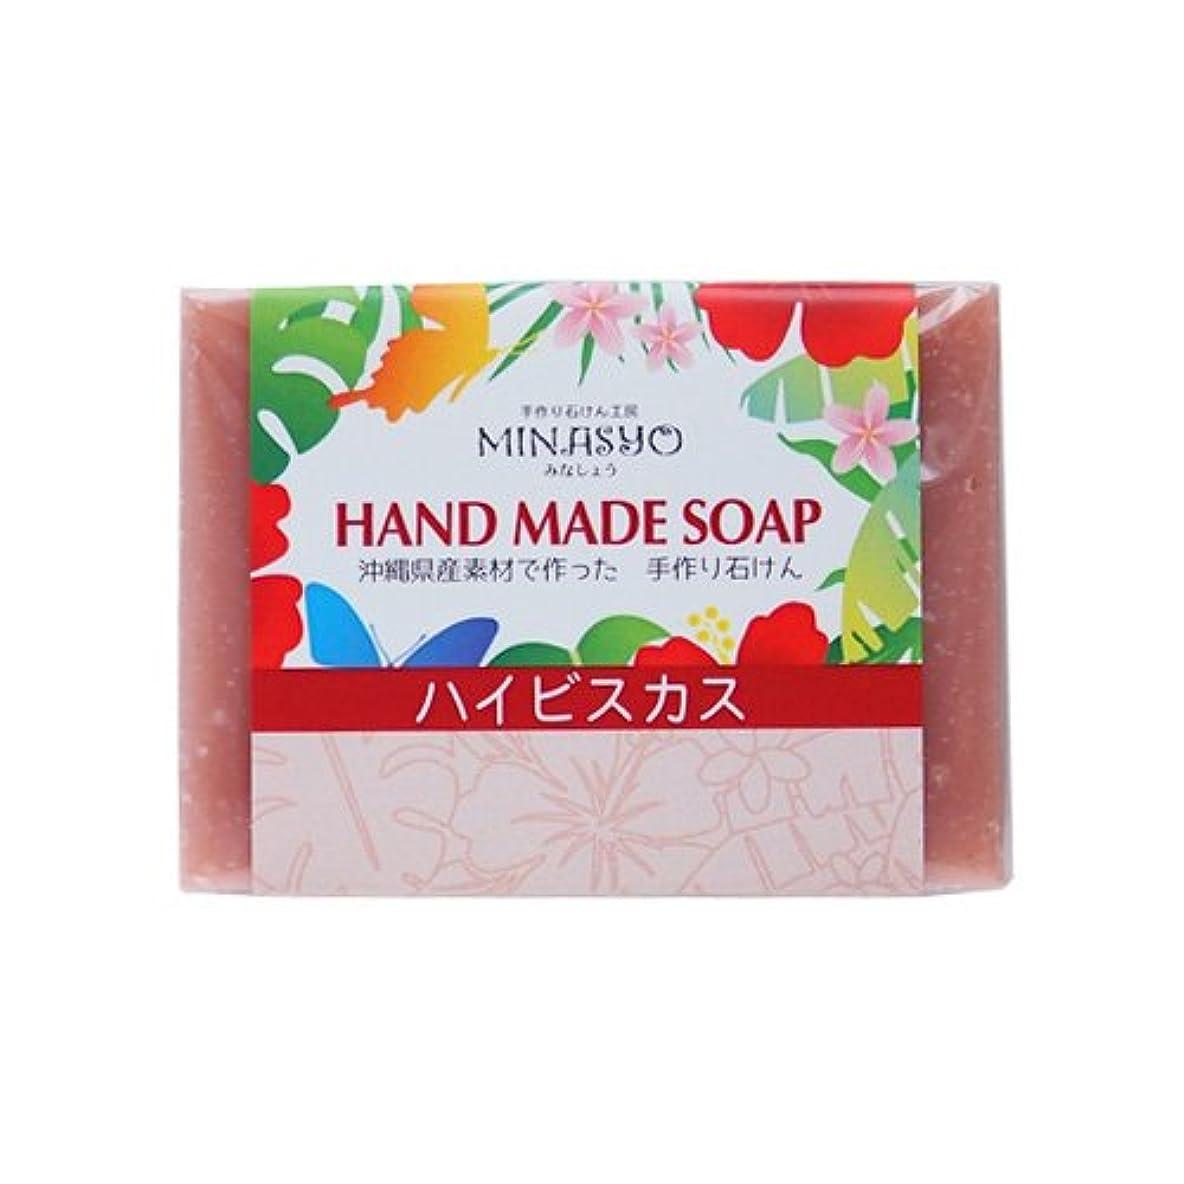 通りコンセンサスバンカーピンククレイ 洗顔石鹸 無添加 固形 毛穴ケア 手作りローゼル石鹸